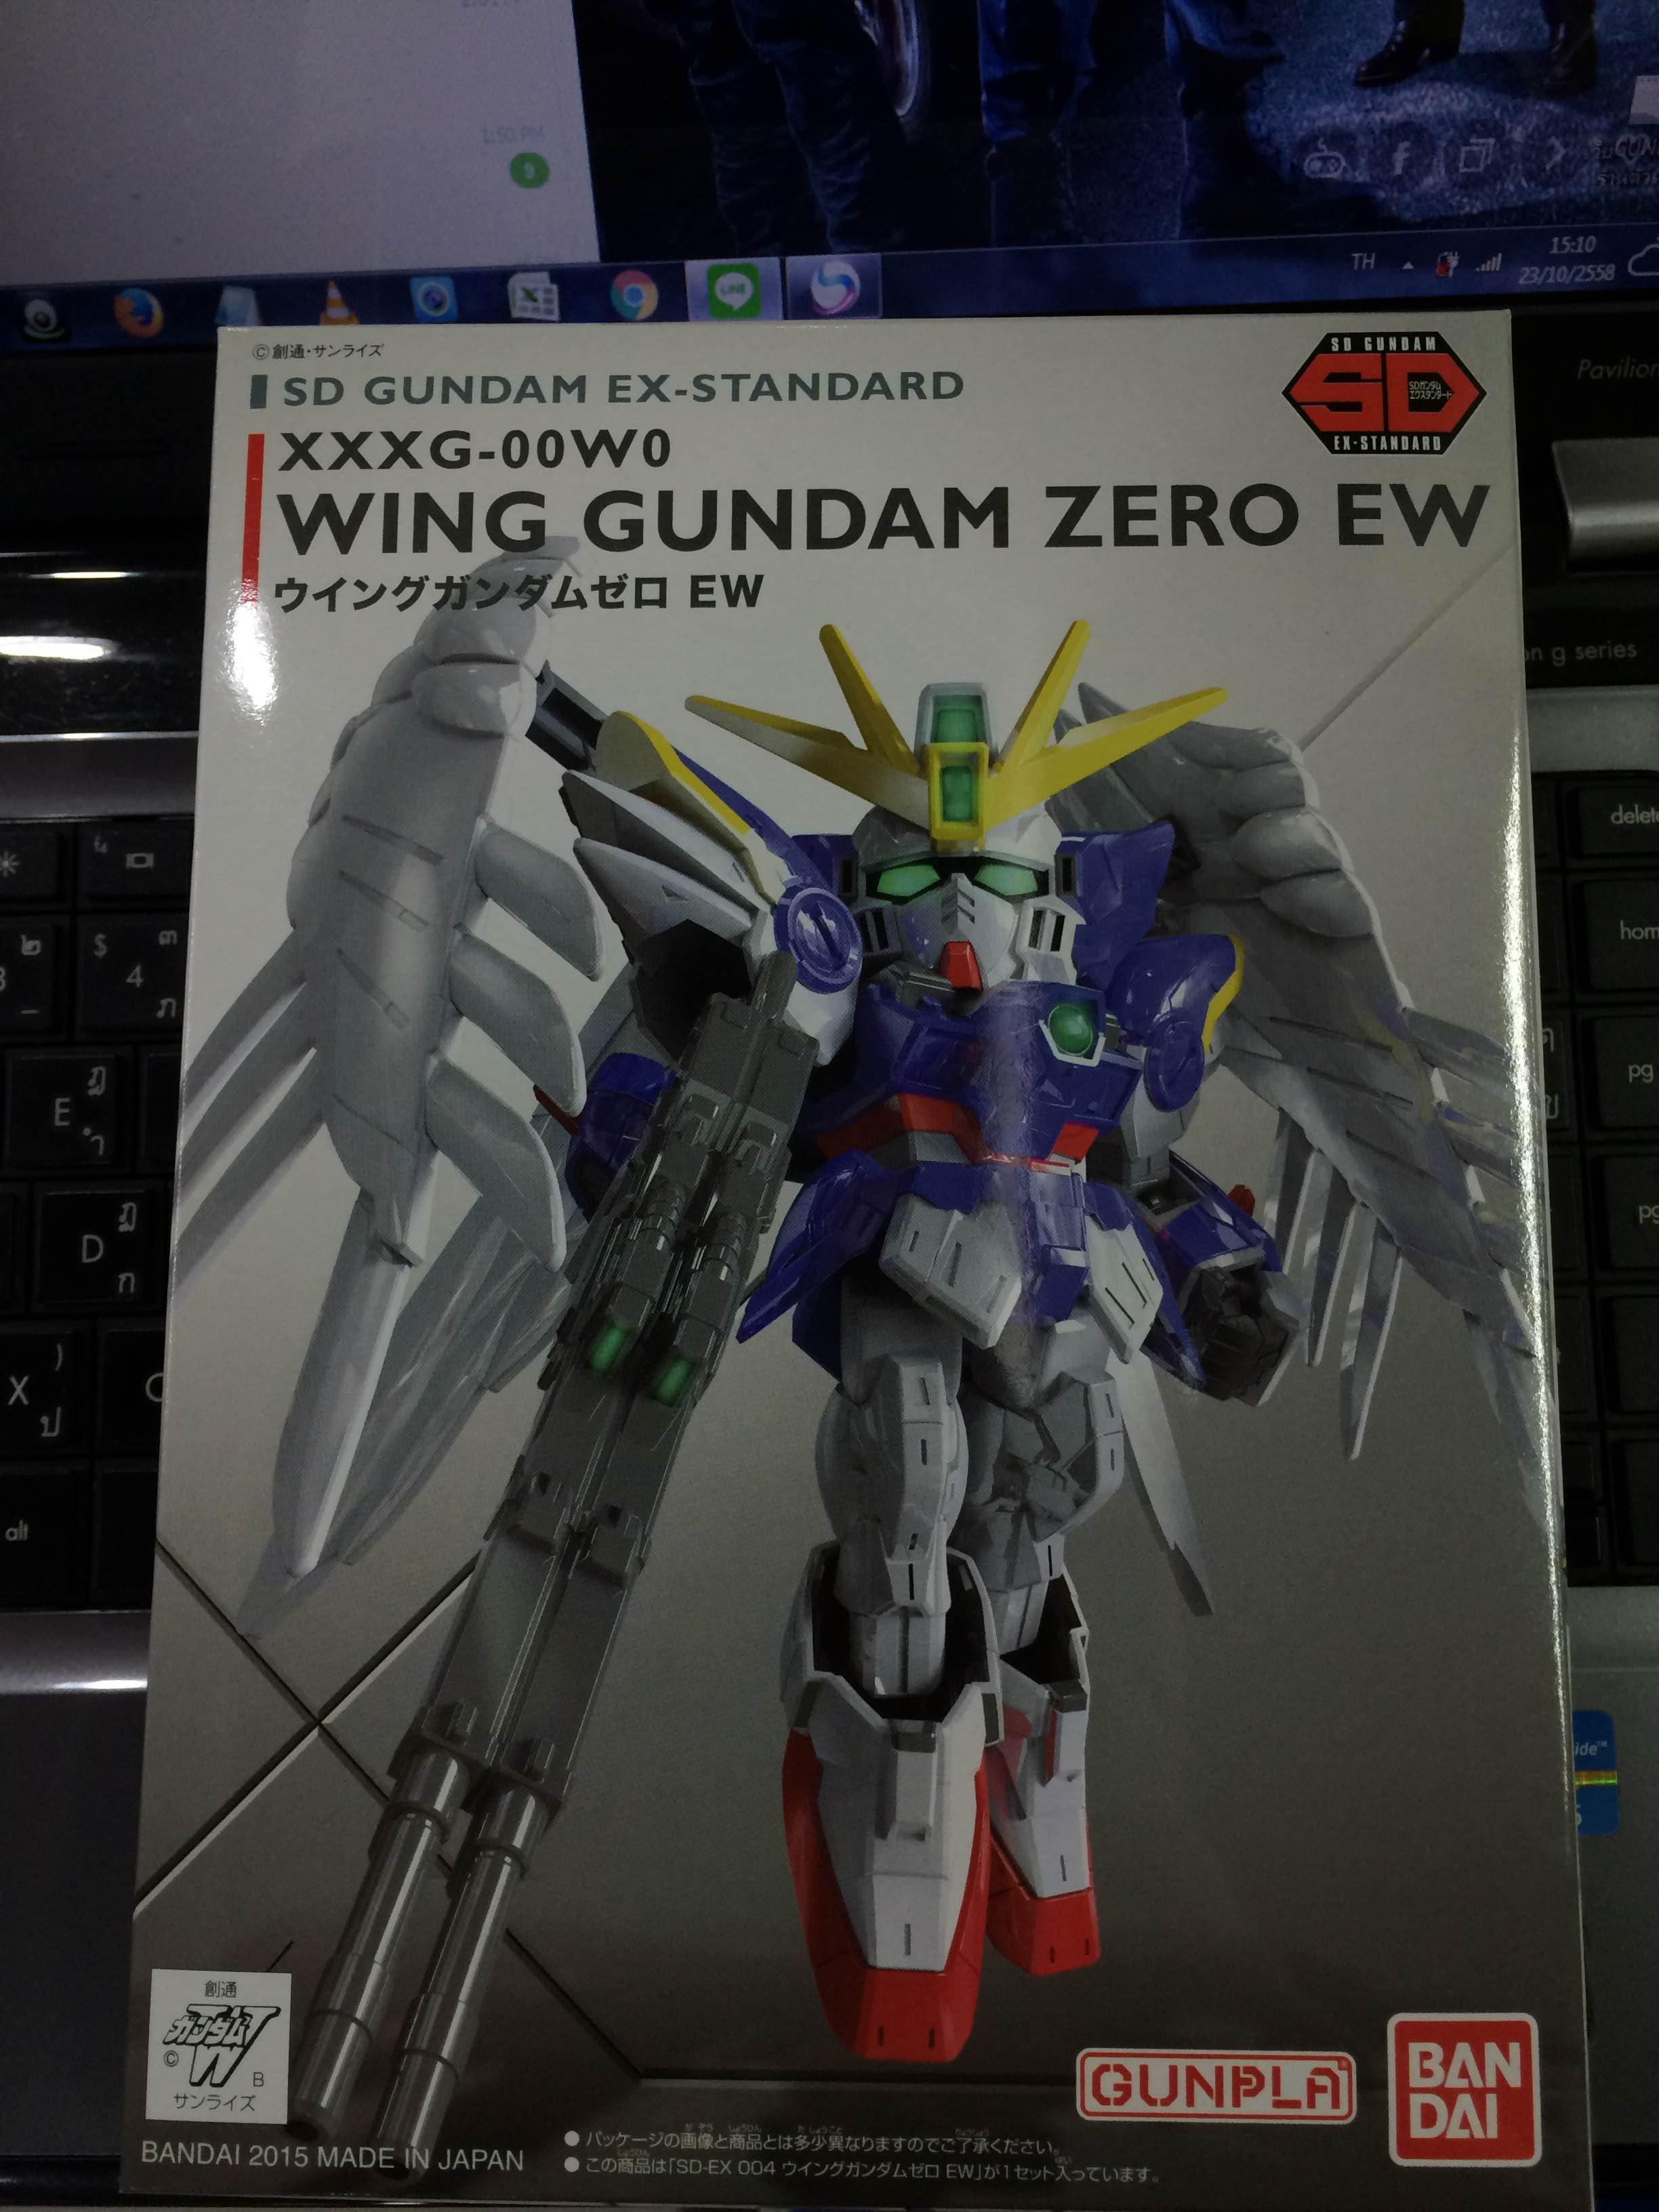 SD WING GUNDAM ZERO EW